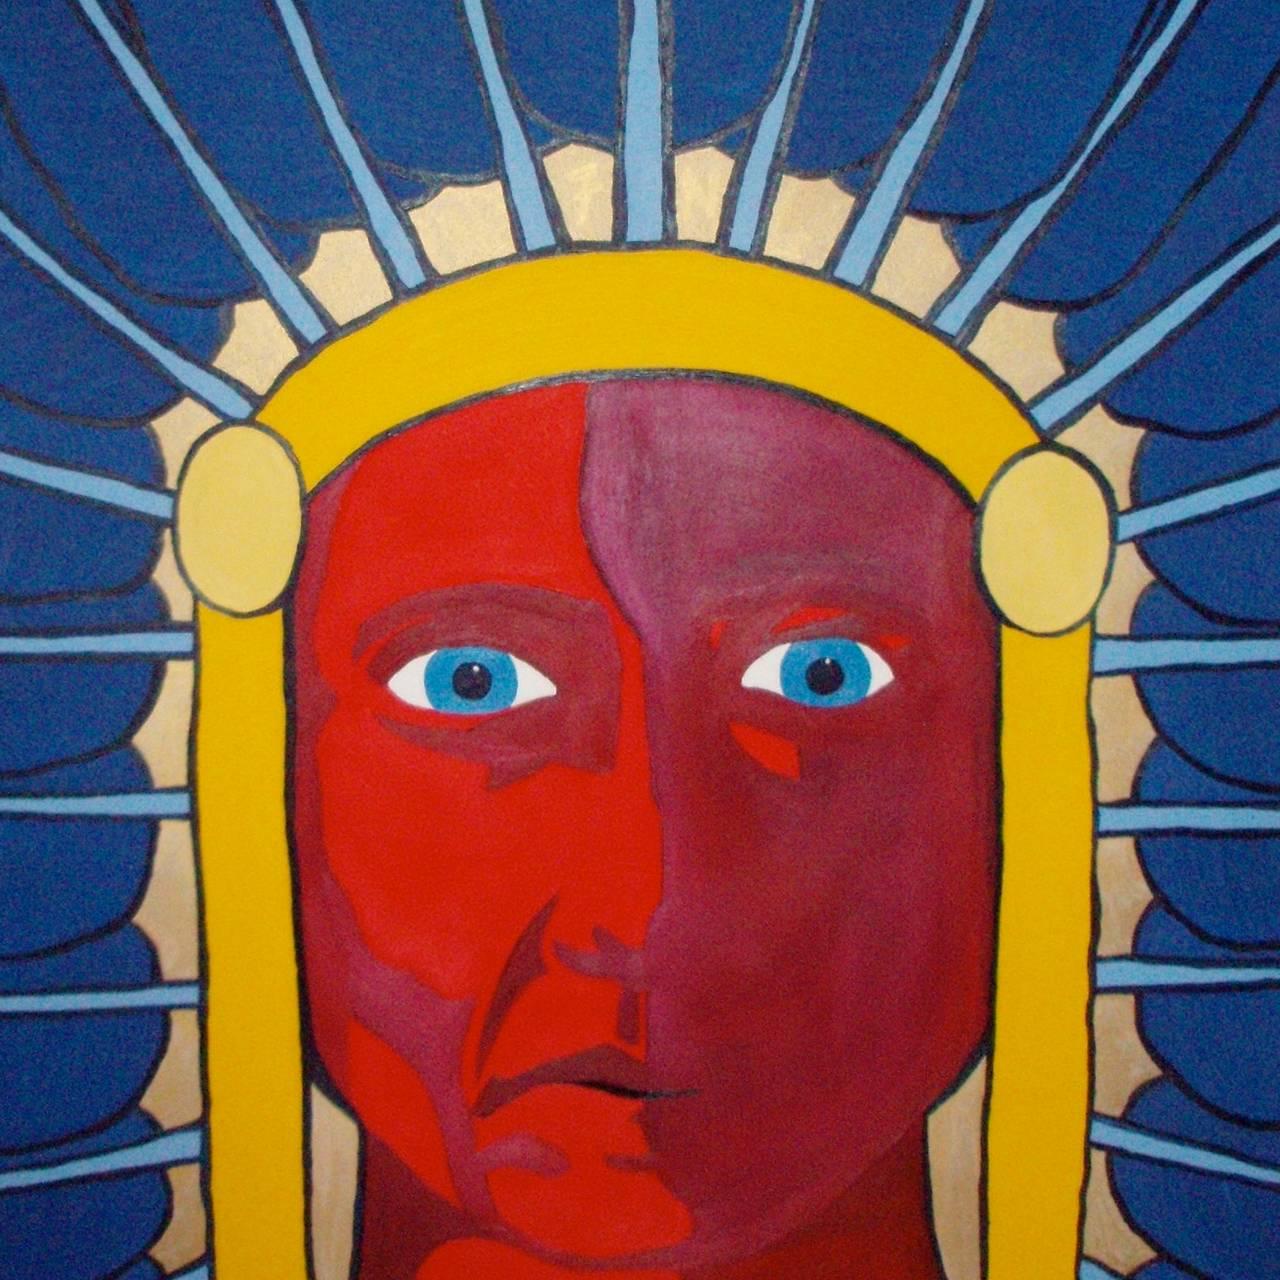 maleri av et tegneserieaktig indianerhøvdinghode i sterke farger